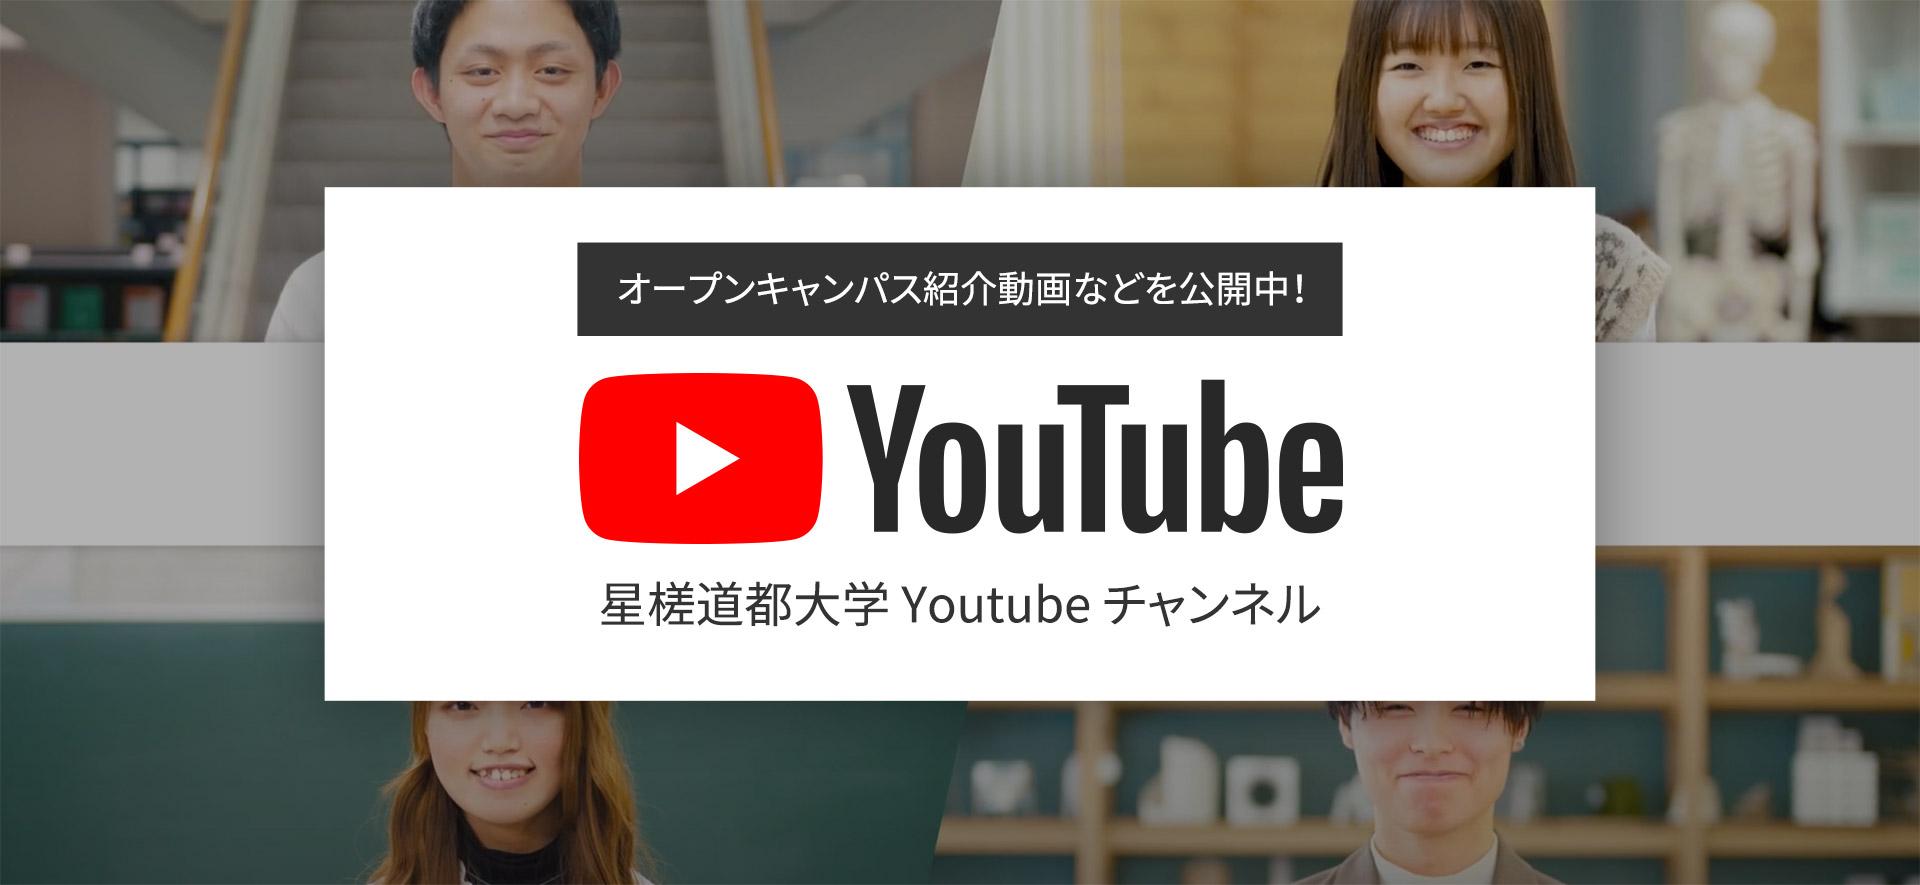 オープンキャンパス紹介動画などを公開中!星槎道都大学Youtubeチャンネル